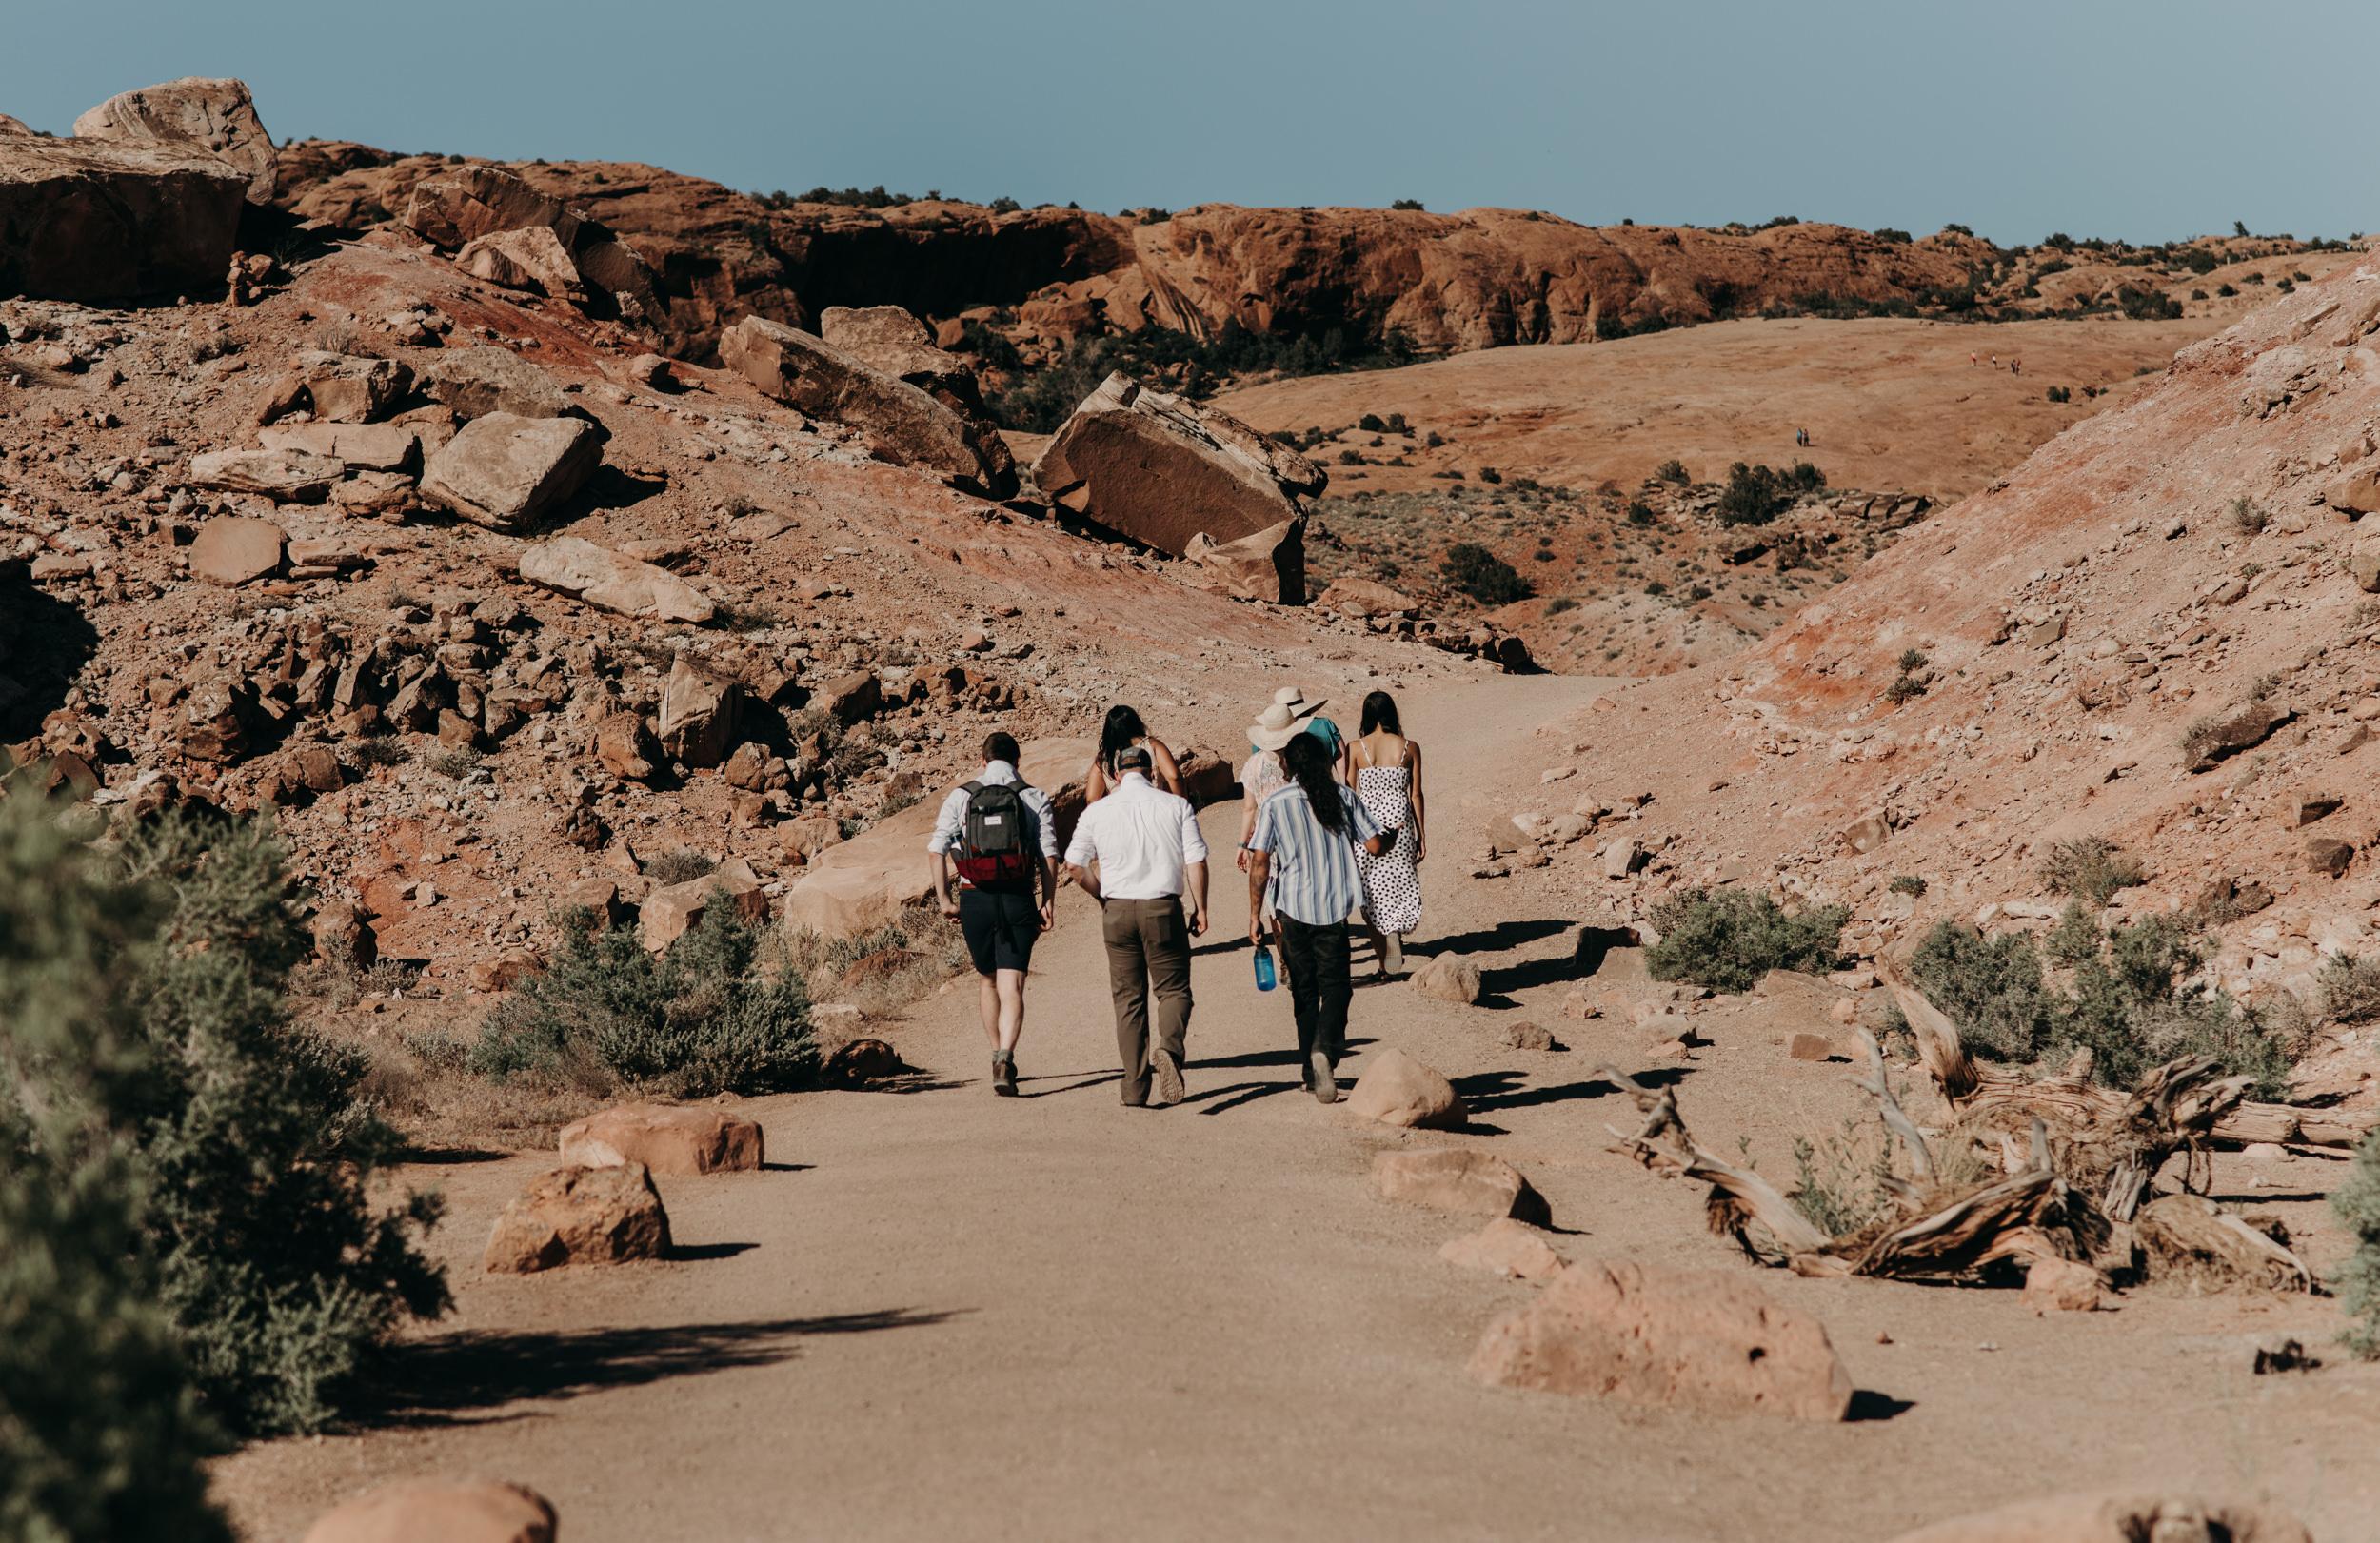 Hiking elopement in Moab, Utah